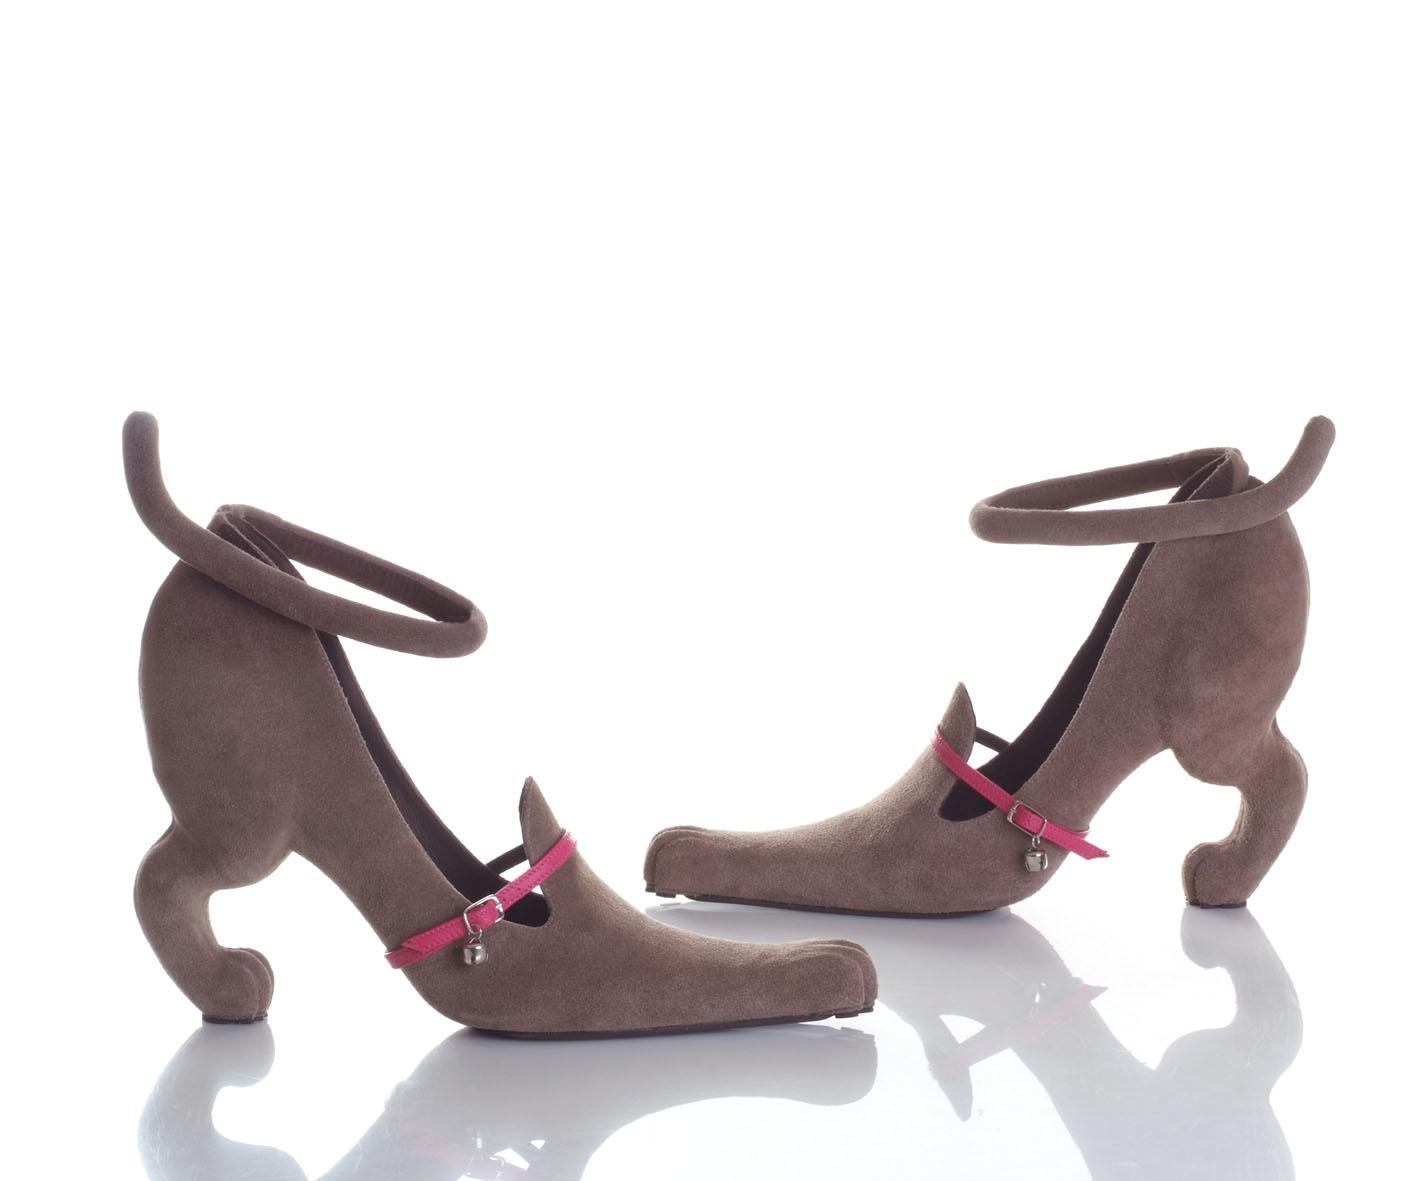 Catsparella: Kitten Heels